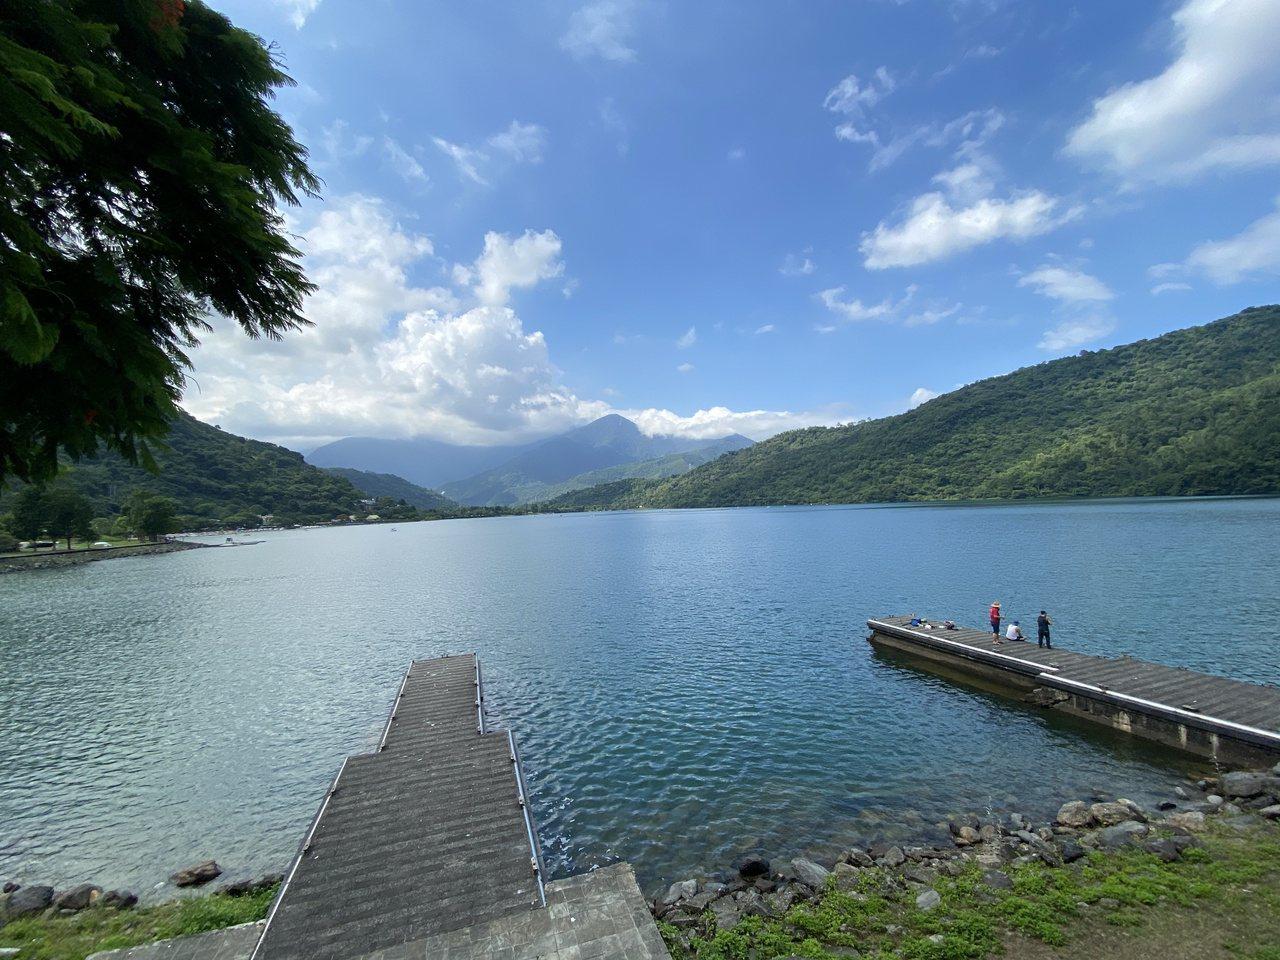 花蓮壽豐鄉鯉魚潭擁有湖光山色美景,令人感到放鬆。 圖/王思慧 攝影